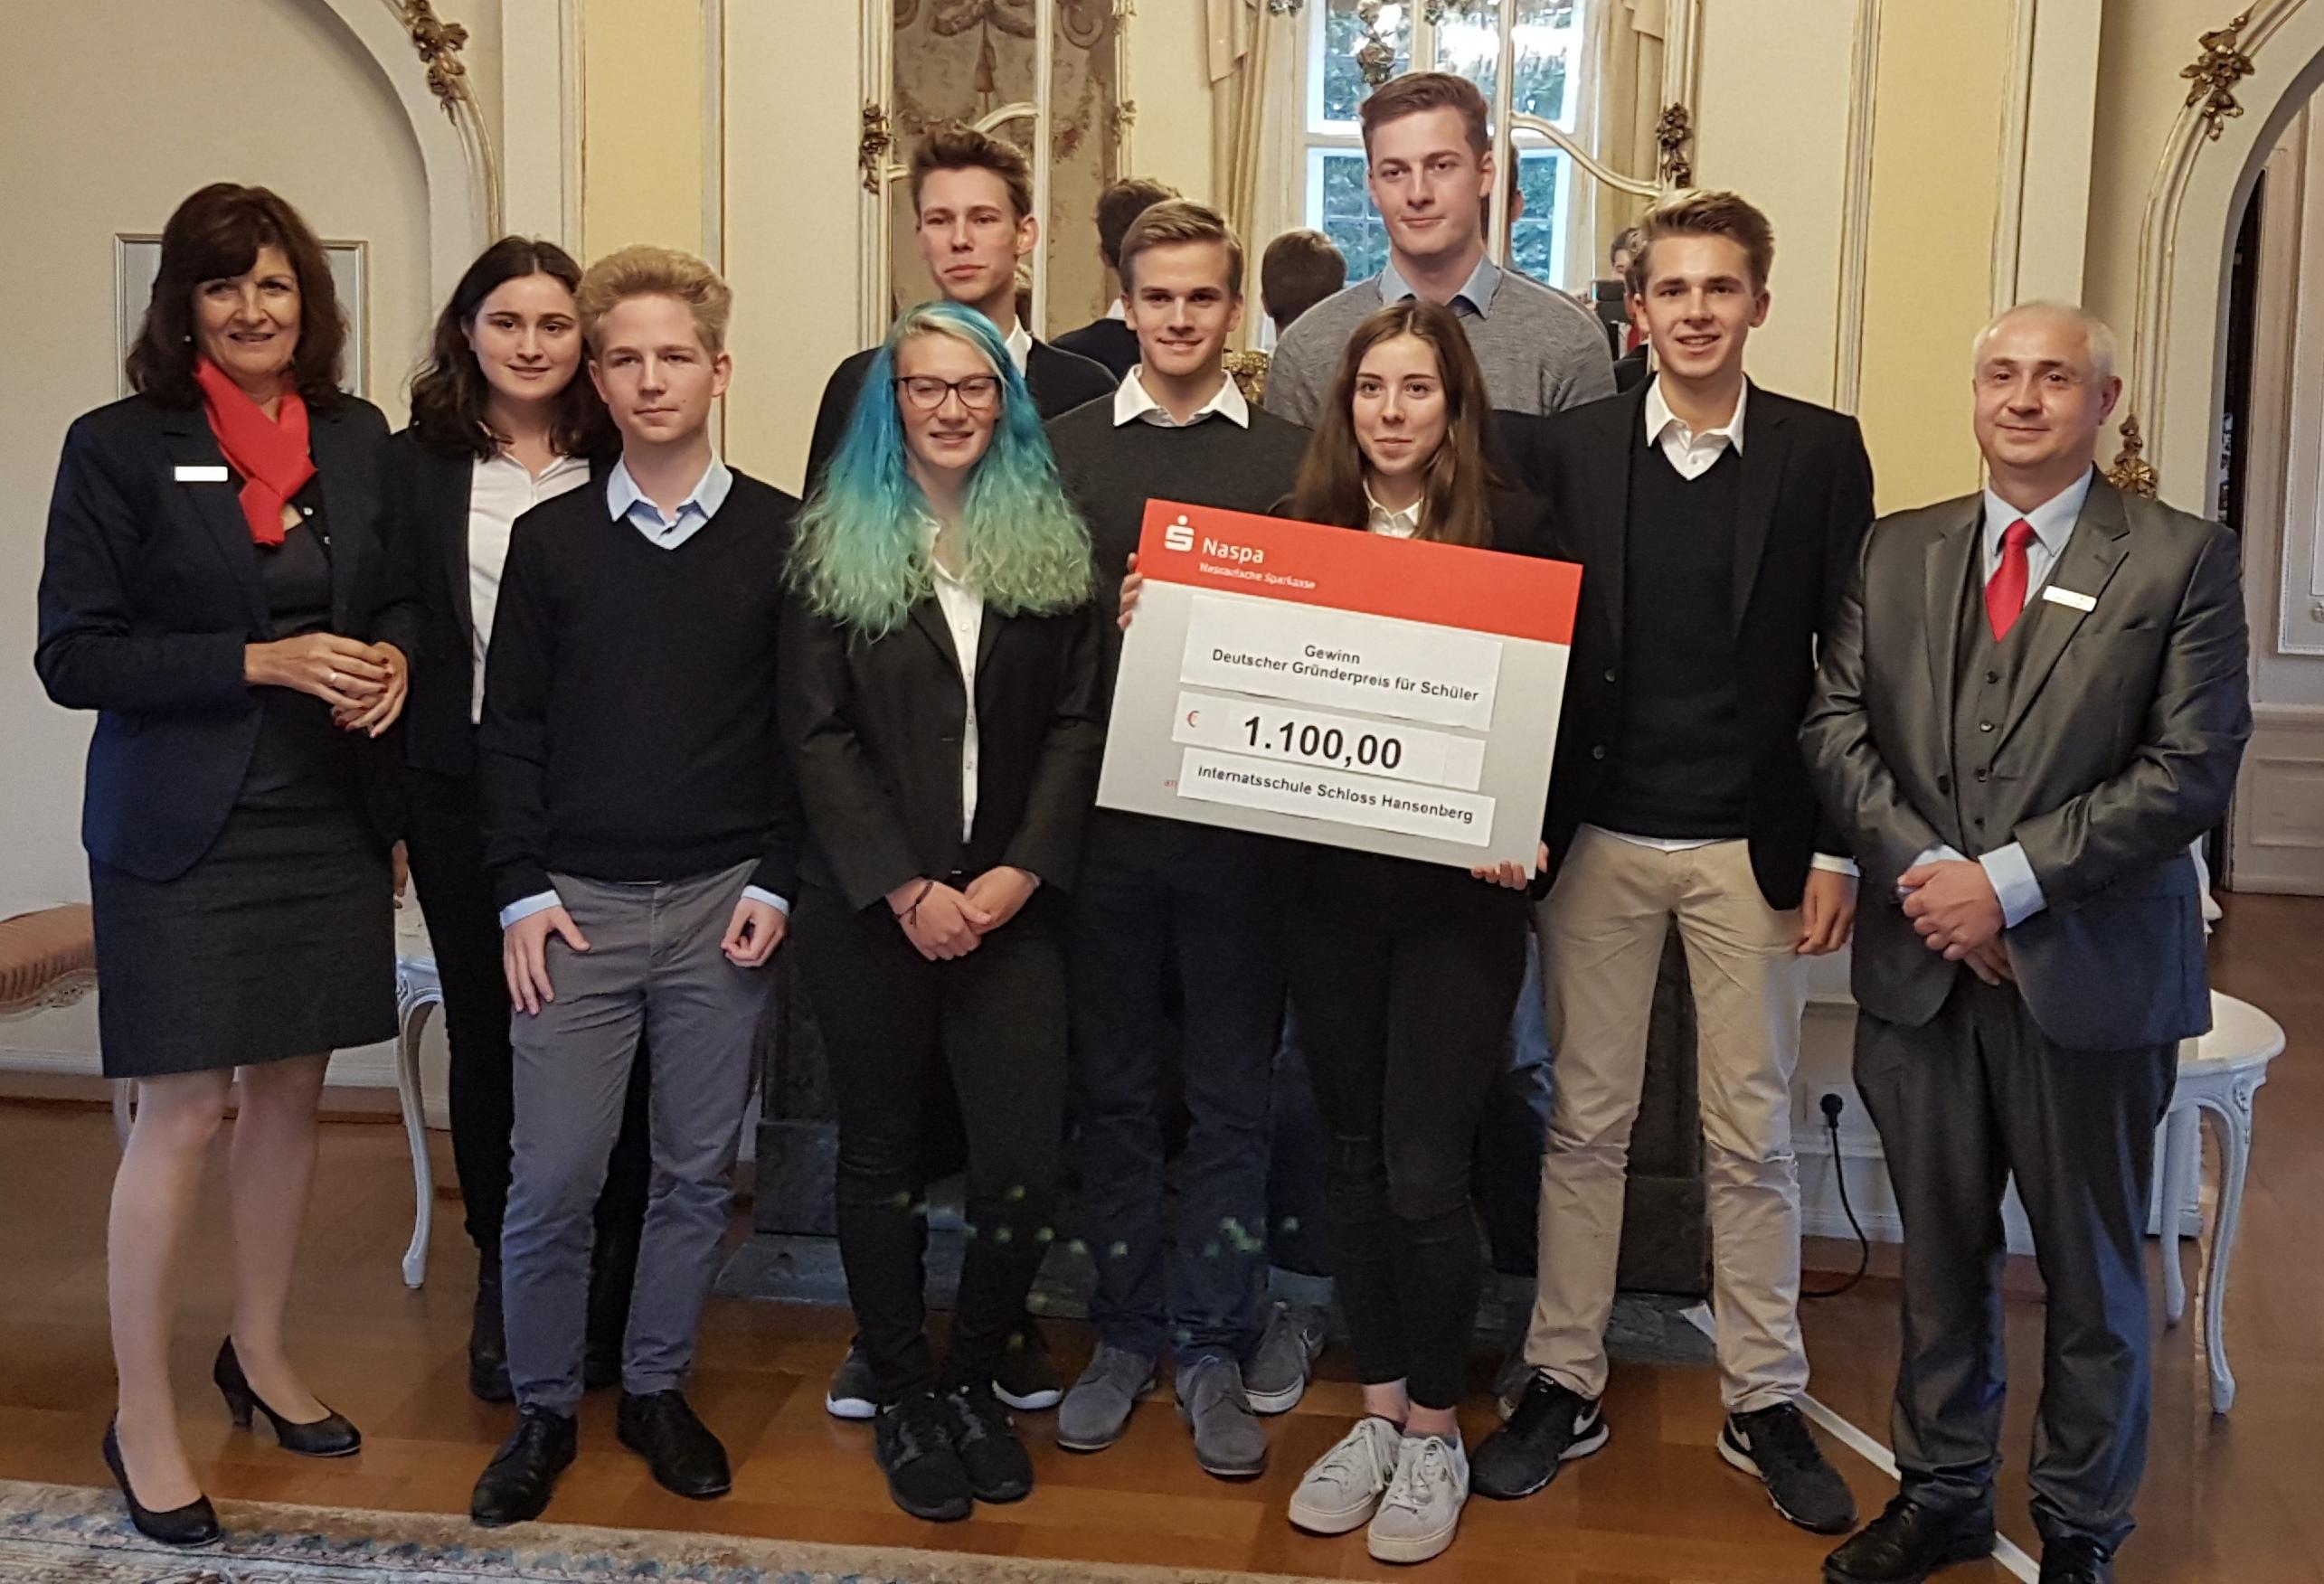 Großer Erfolg für hessische Teams beim Deutschen Gründerpreis für Schüler